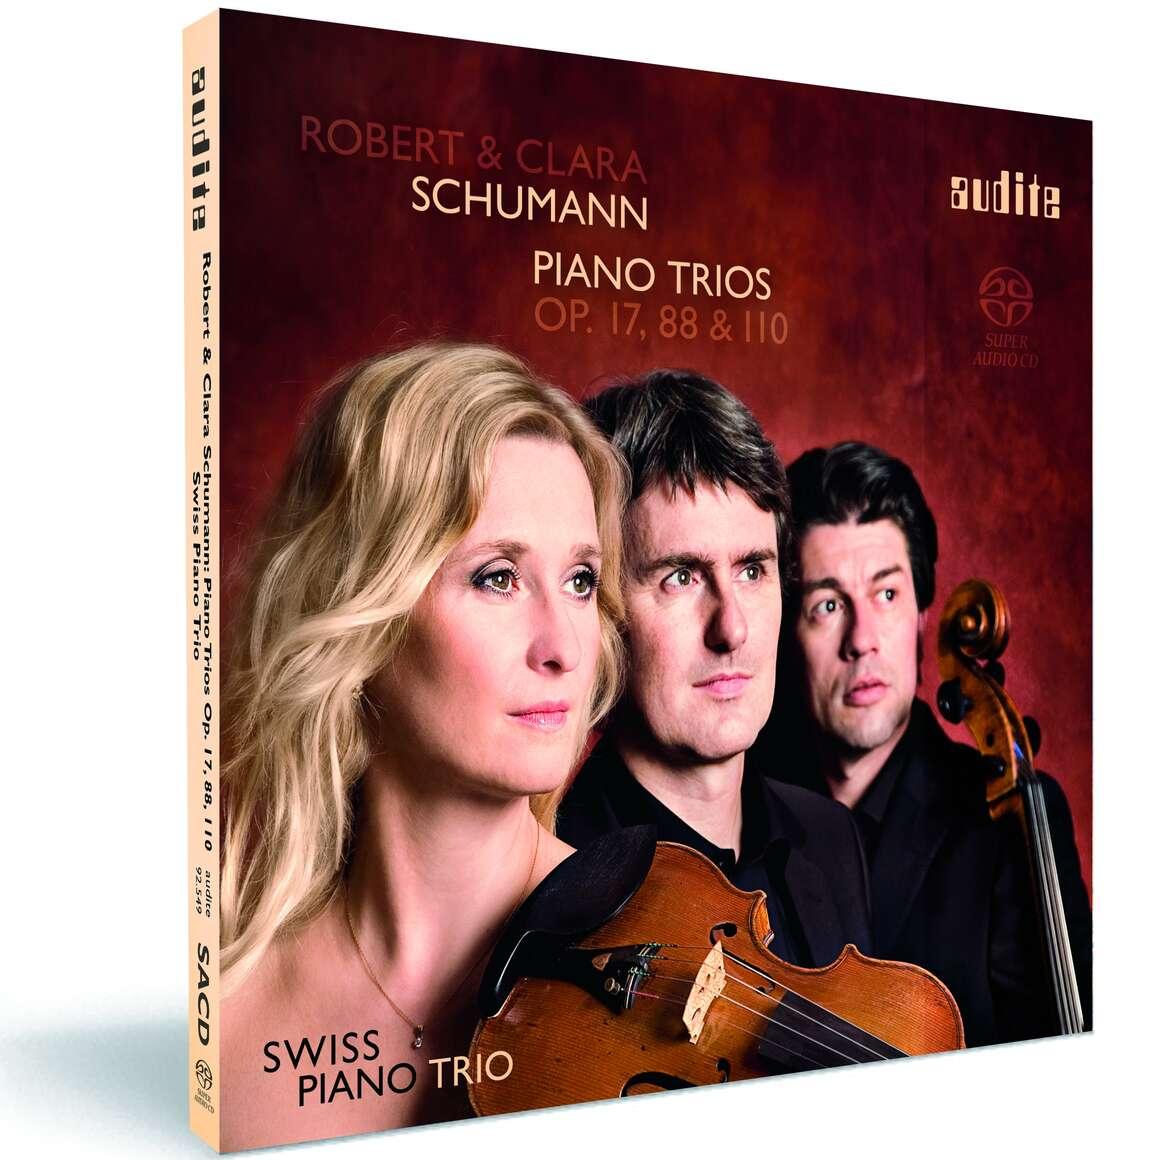 Robert & Clara Schumann: Piano Trios Op. 17, 88, 110